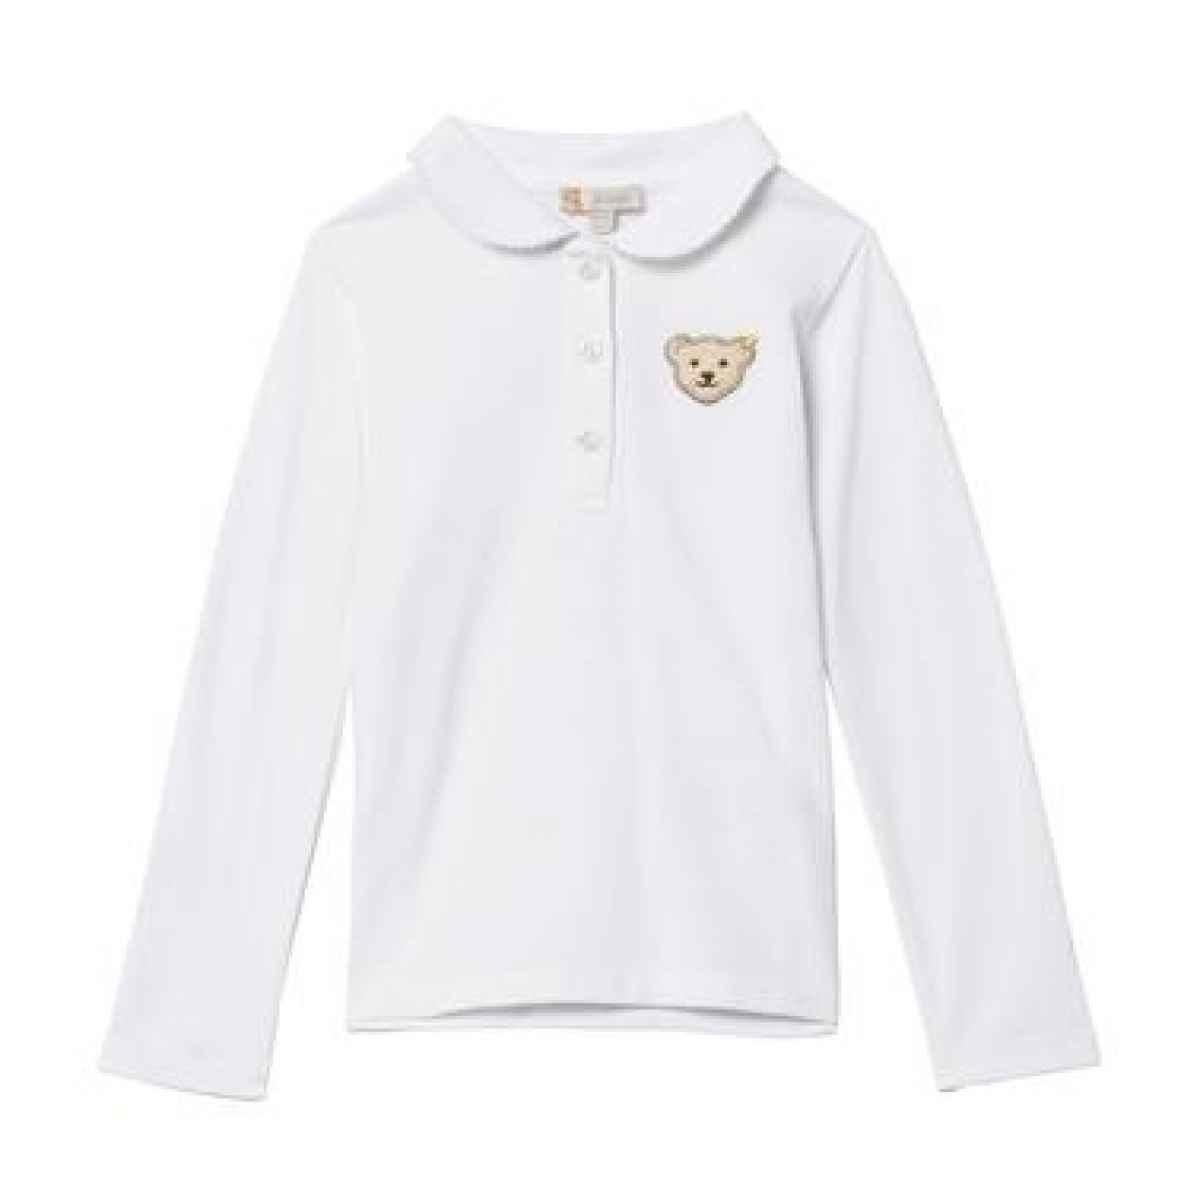 Steiff Stiff Girls White Polo shirt